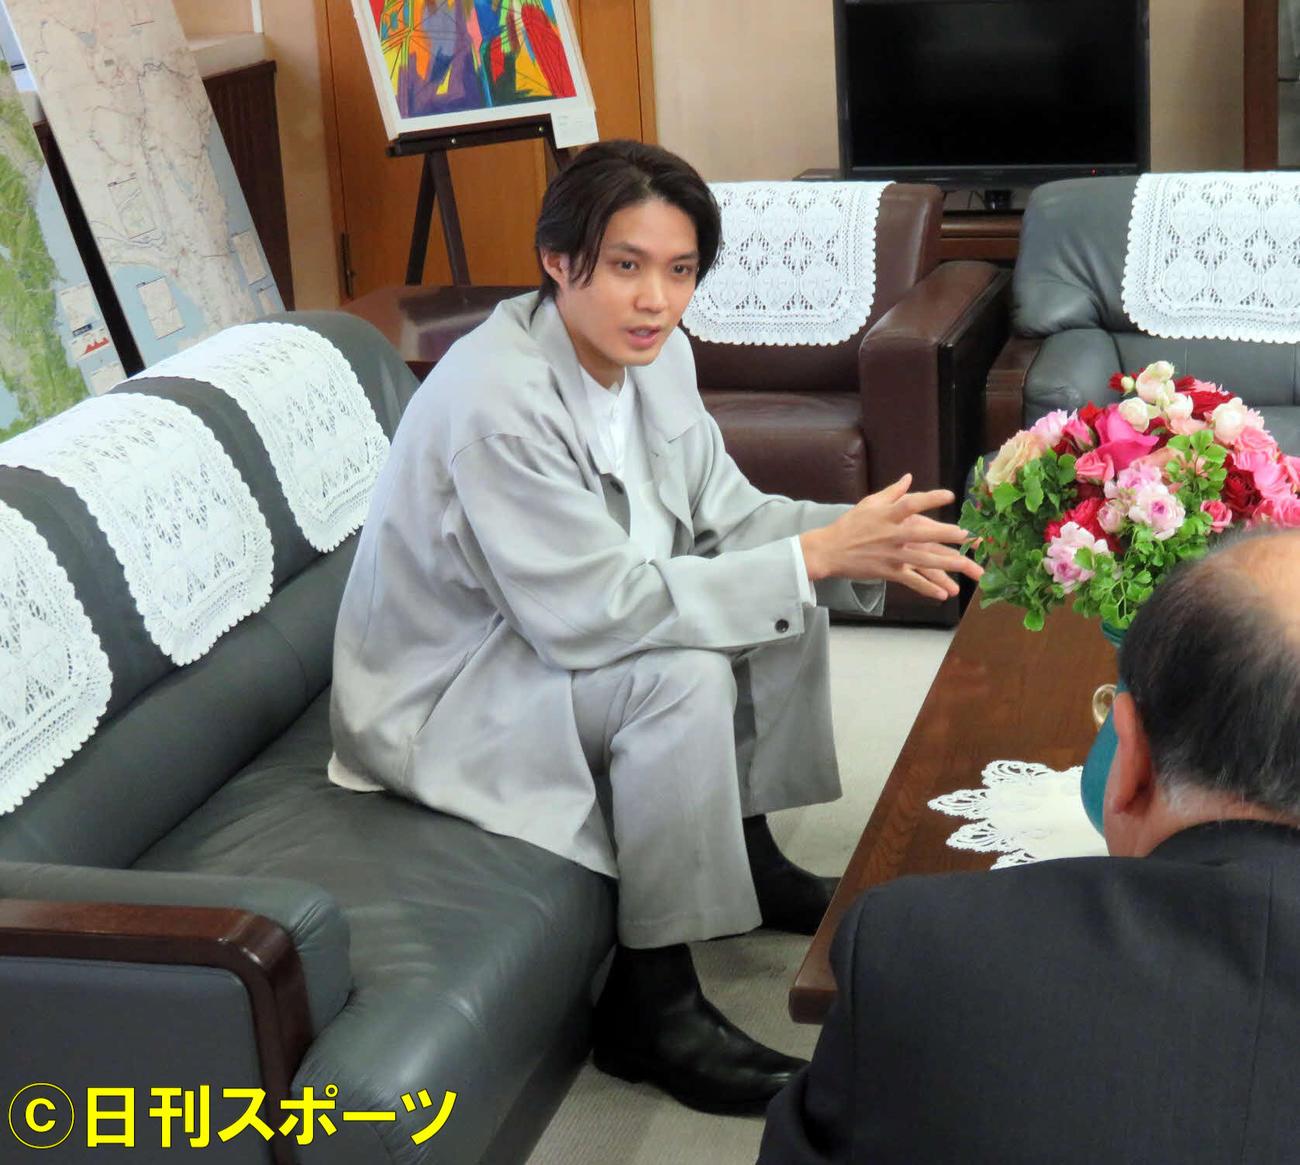 磯村勇斗(左)は静岡県庁を訪れ、出野勉副知事に花への思いを語る